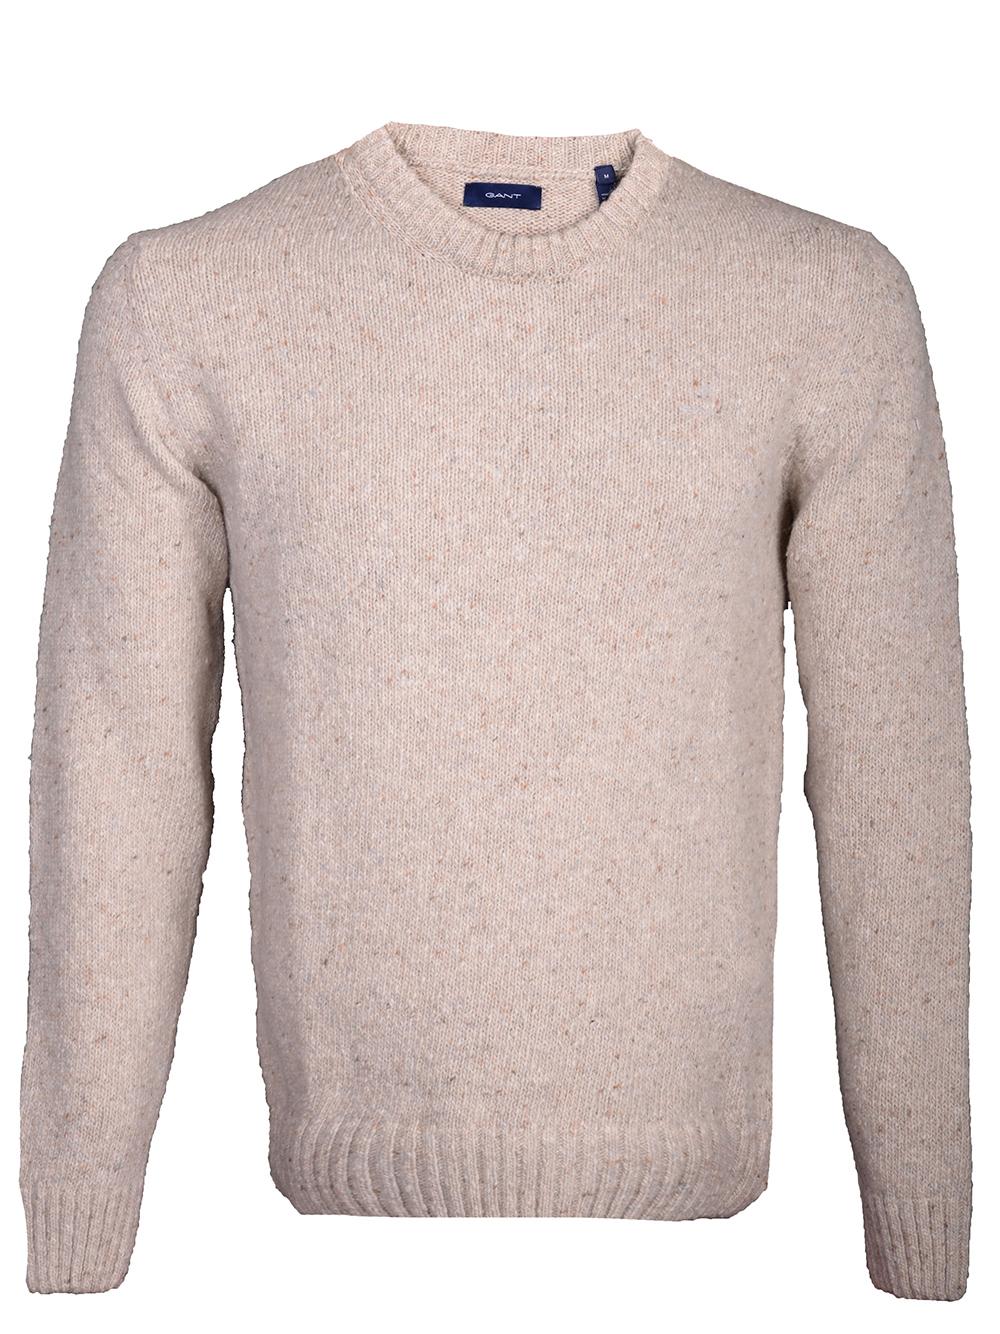 GANT Μπλούζα πουλόβερ 3G8040059-291 ΜΠΕΖ